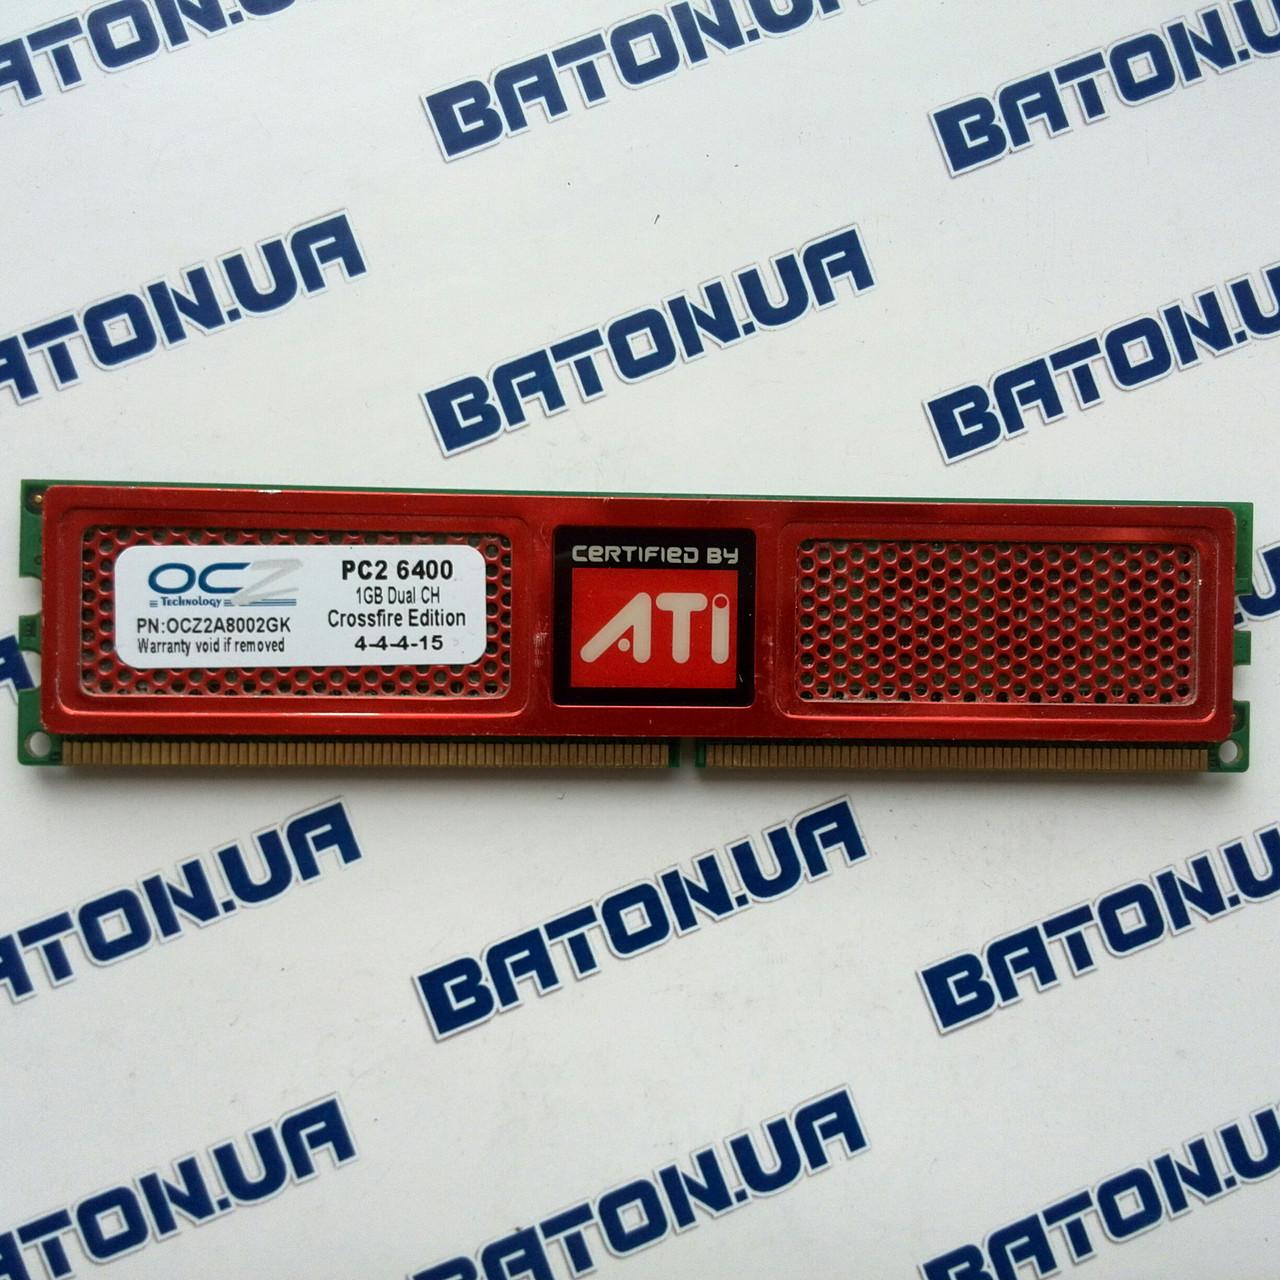 Игровая оперативная память OCZ ATI CrossFire DDR2 1Gb 800MHz PC2 6400U CL4 (OCZ2A8002GK)